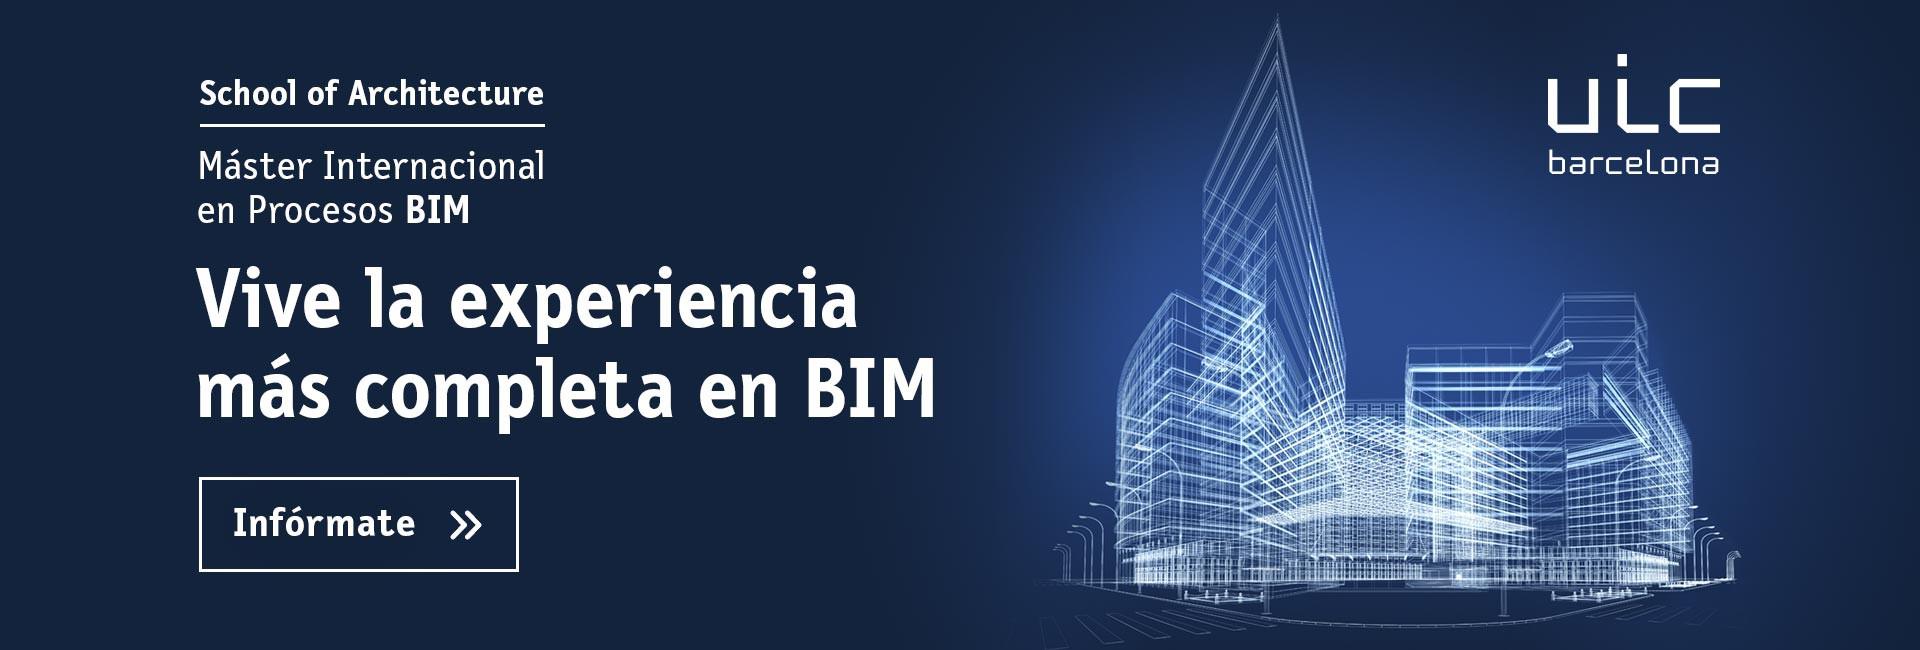 http://www.uic.es/es/estudios-uic/esarq/master-bim-barcelona